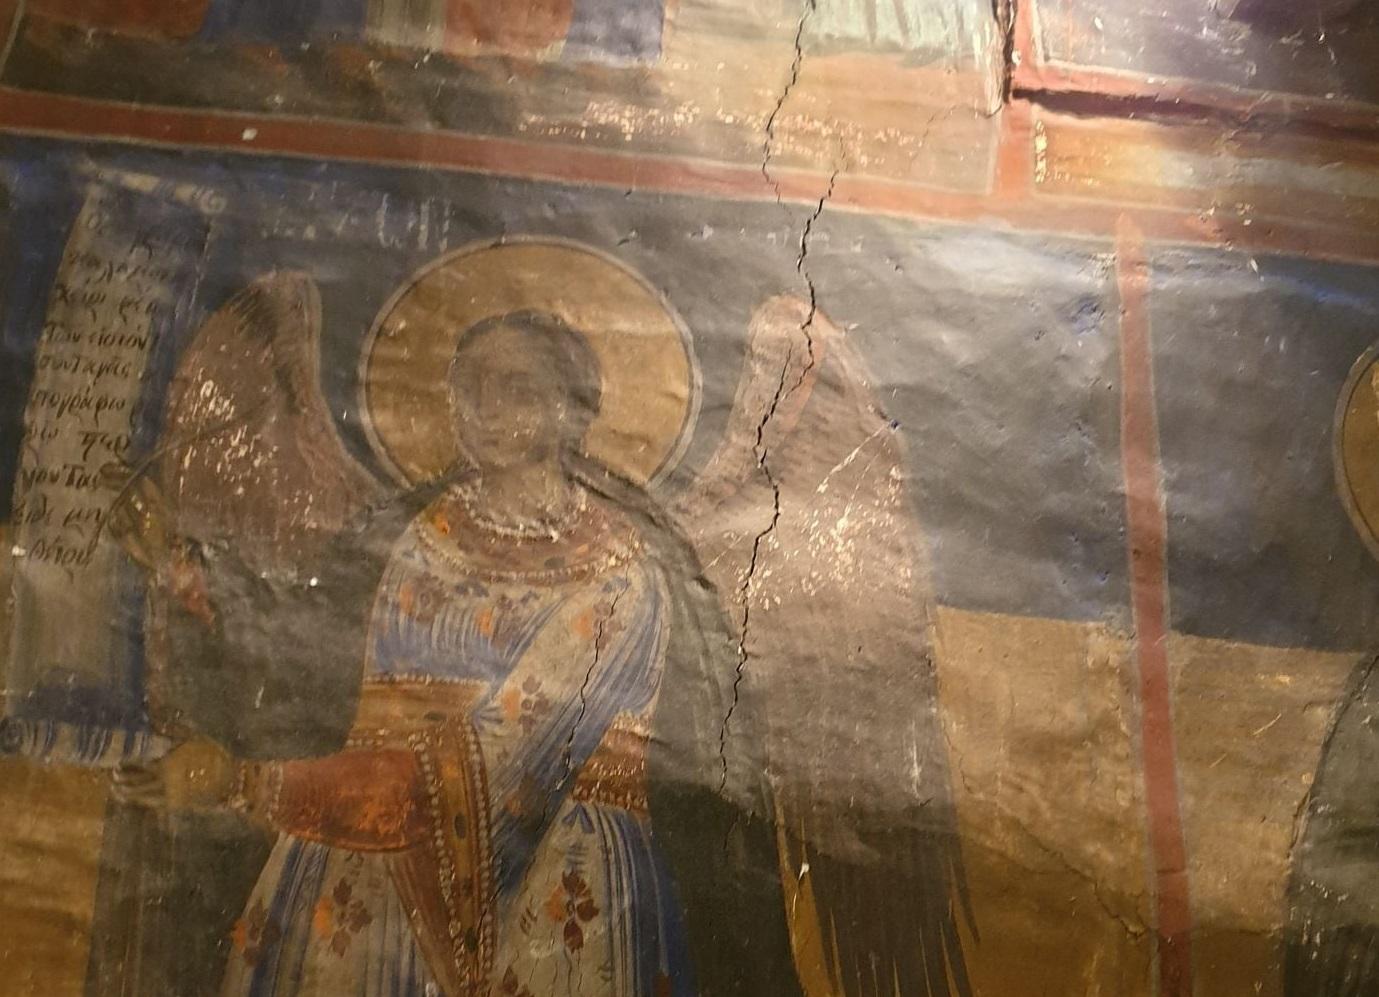 Επίσκεψη του Σεβασμιότατου Μητροπολίτη Γρεβενών κ. Δαβίδ στους Ιερούς Ναούς του Δήμου Δεσκάτης